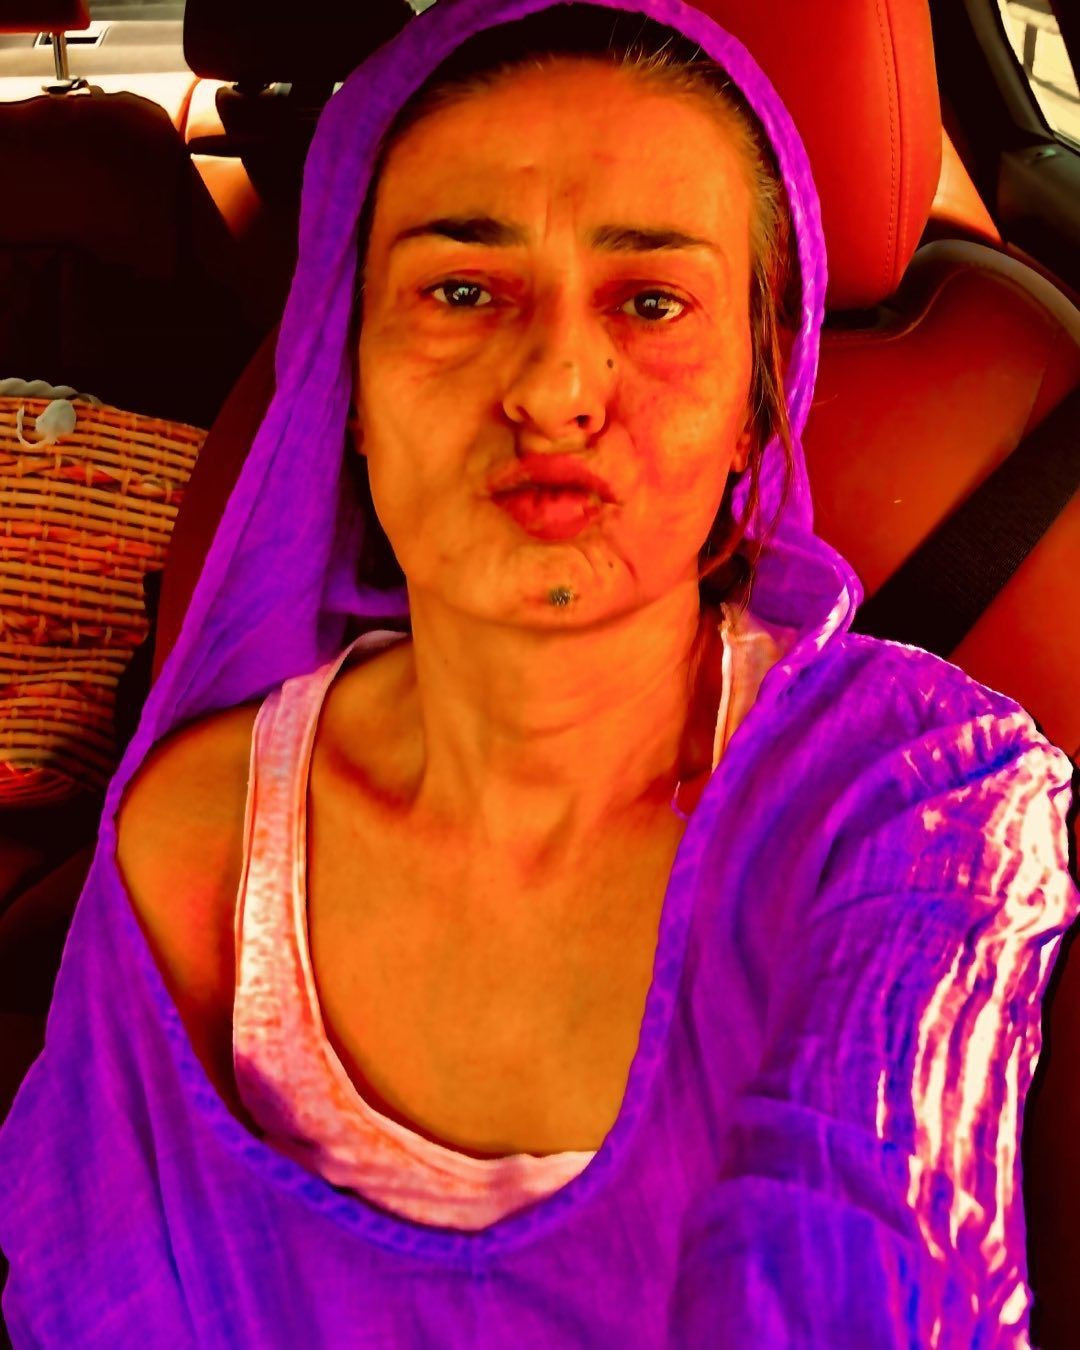 55'lik Yıldız Tilbe ev halini paylaştı! Karın kaslarıyla şov yaptı! - Sayfa 1